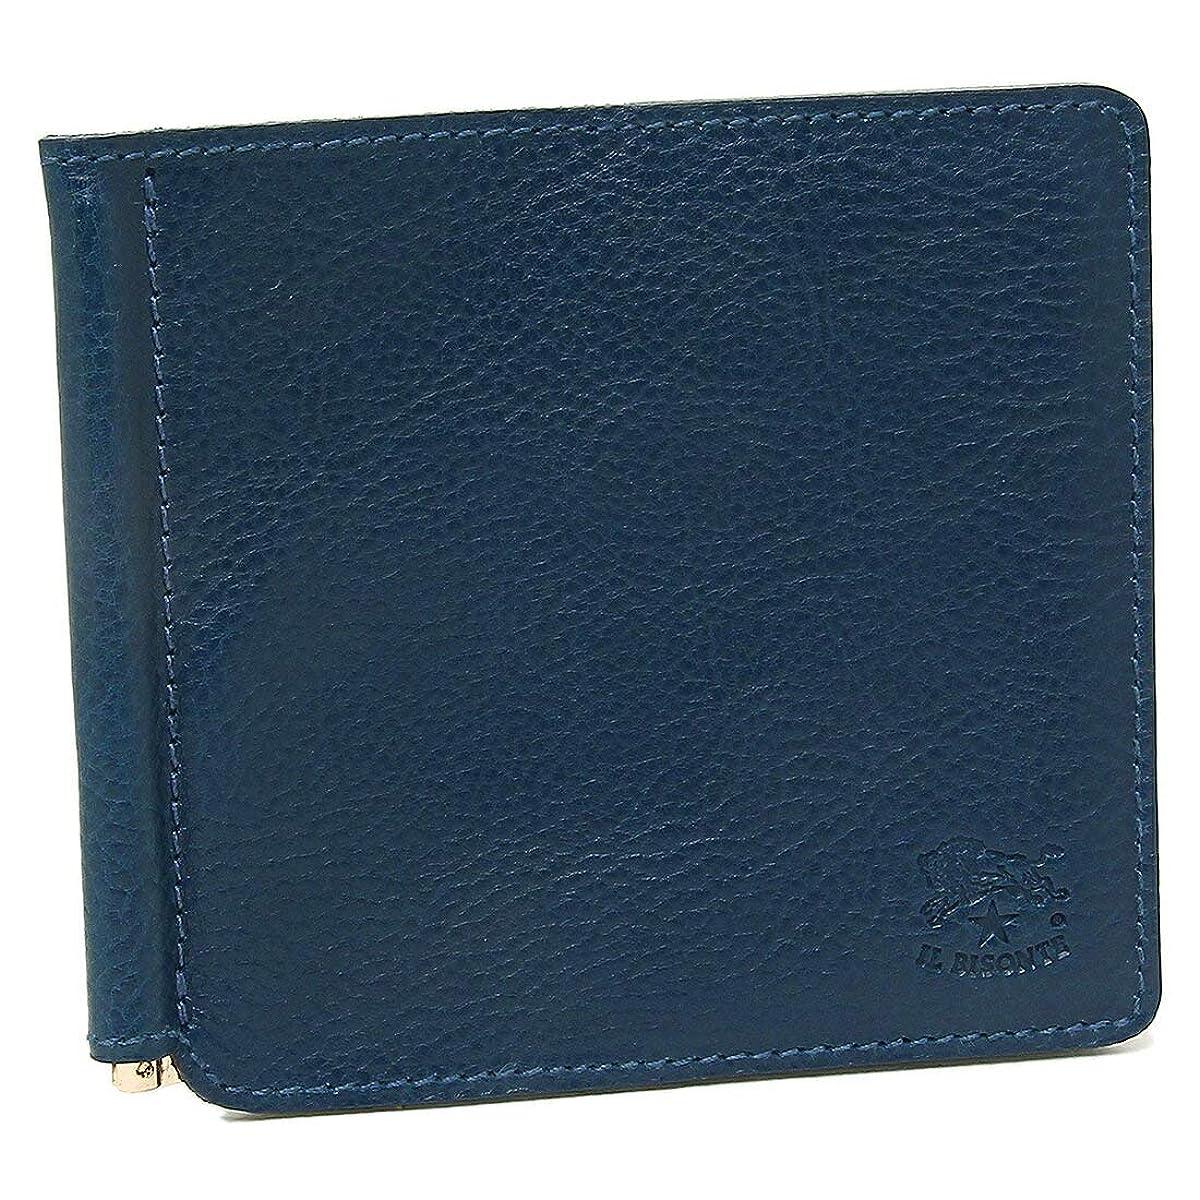 引っ張る水没民主主義[イルビゾンテ]折財布 マネークリップ メンズ IL BISONTE C0471P 866 ネイビー [並行輸入品]